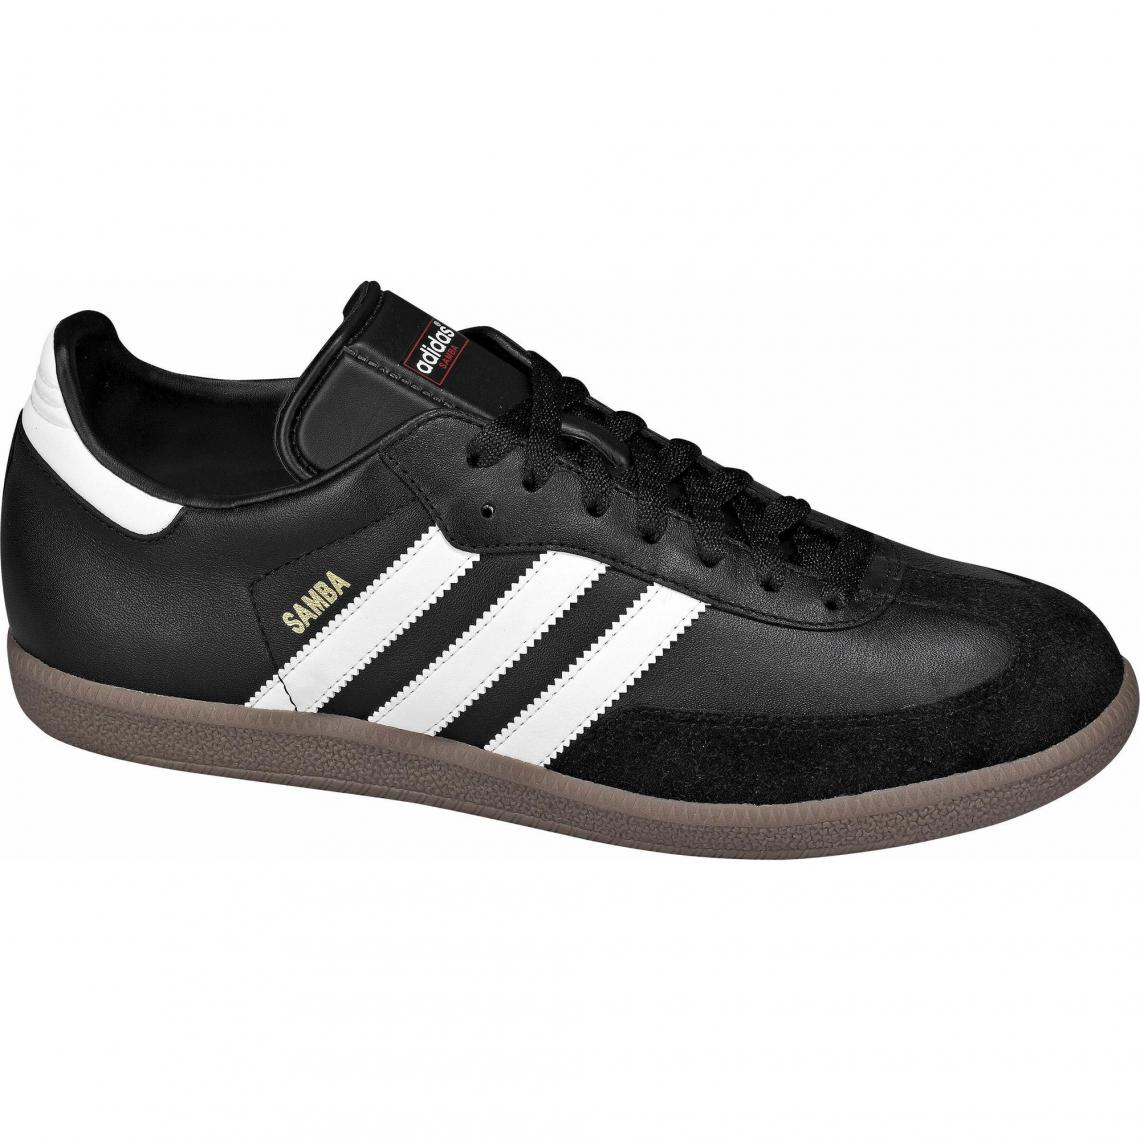 42338e1878e adidas Originals Samba sneakers cuir et synthétique homme - Noir Adidas  Originals Homme